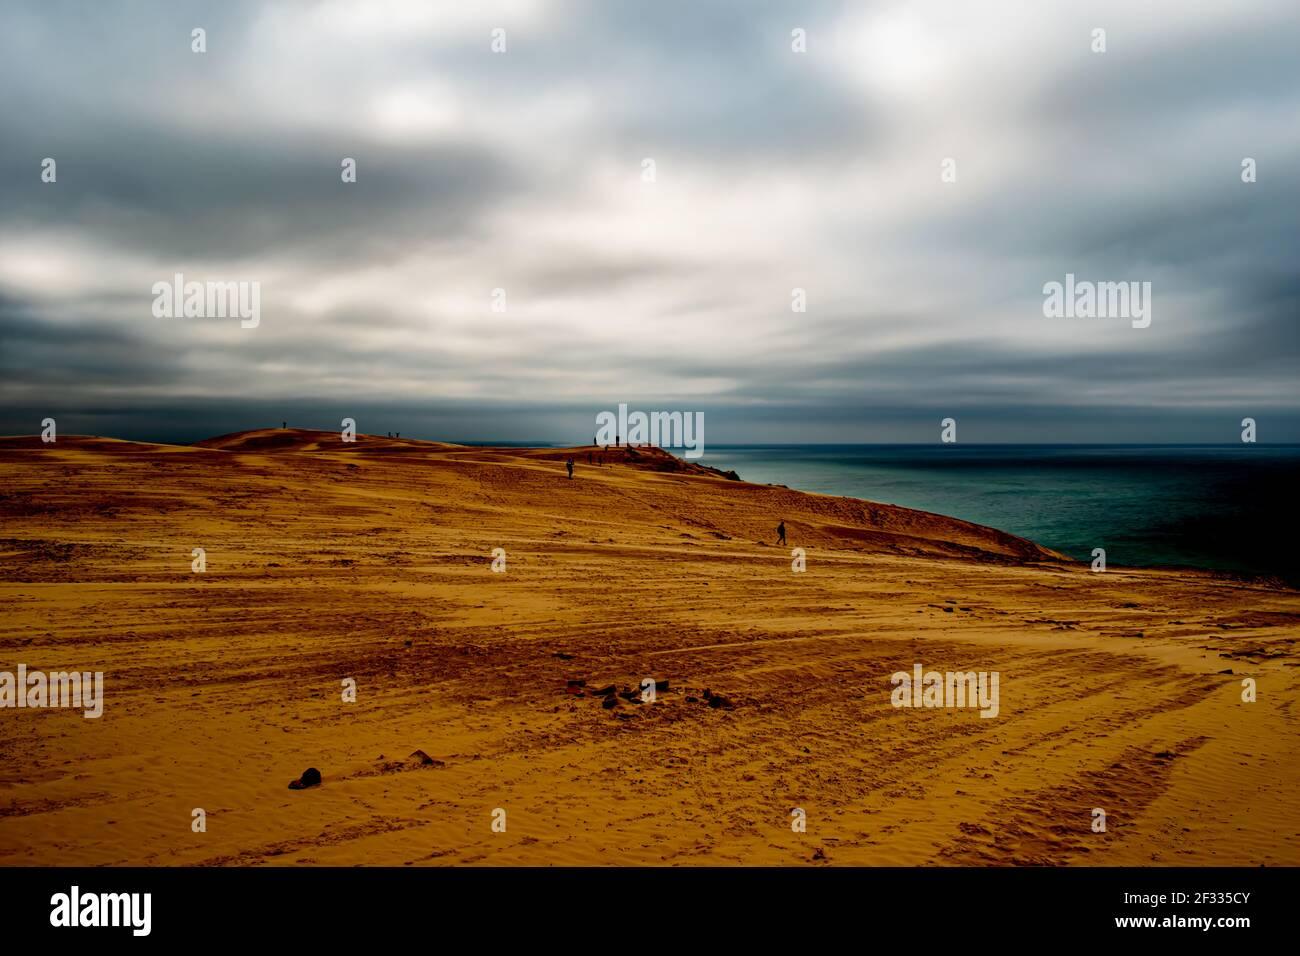 Côte de sable de Rubjerg Knude, Danemark, côte de la mer du Nord Banque D'Images